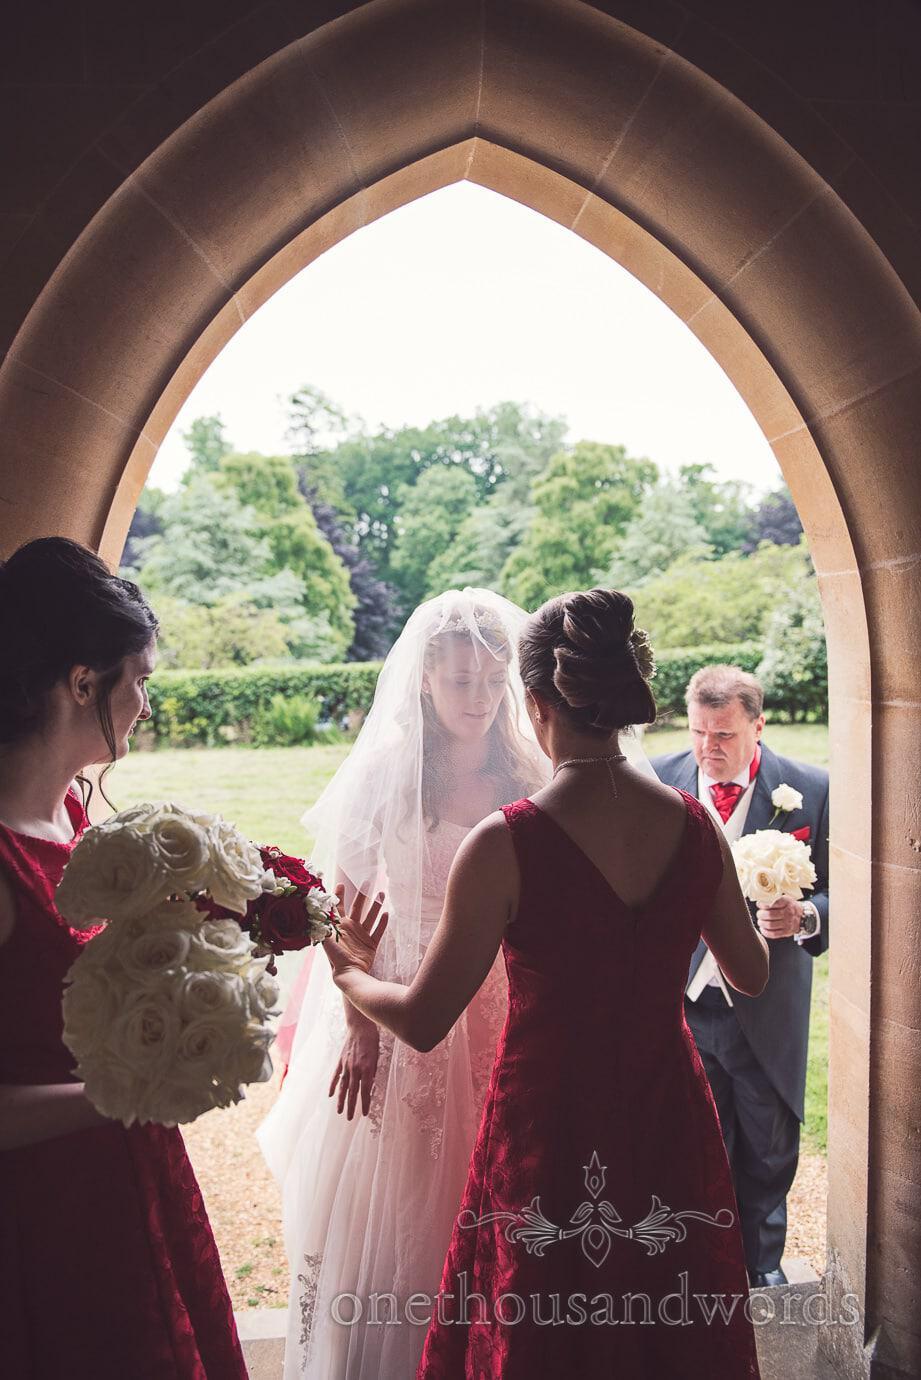 Bride in wedding veil under stone church arched doorway